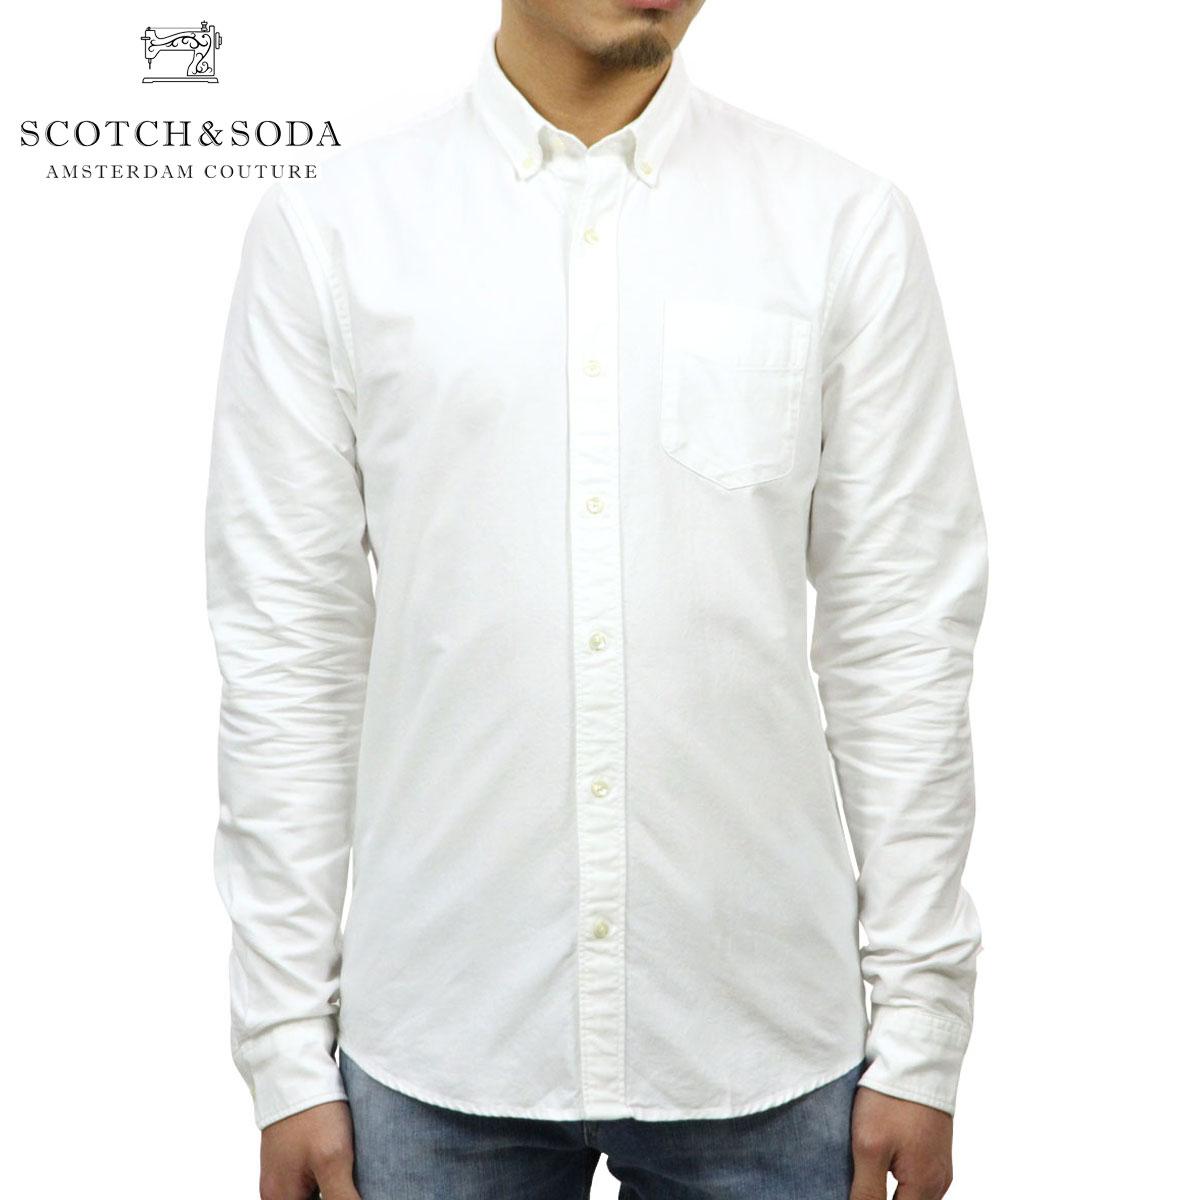 スコッチアンドソーダ SCOTCH&SODA 正規販売店 メンズ 長袖ボタンダウンシャツ BASIC NOS CLASSIC BUTTON DOWN OXFORD SHIRT 132491 00 WHITE